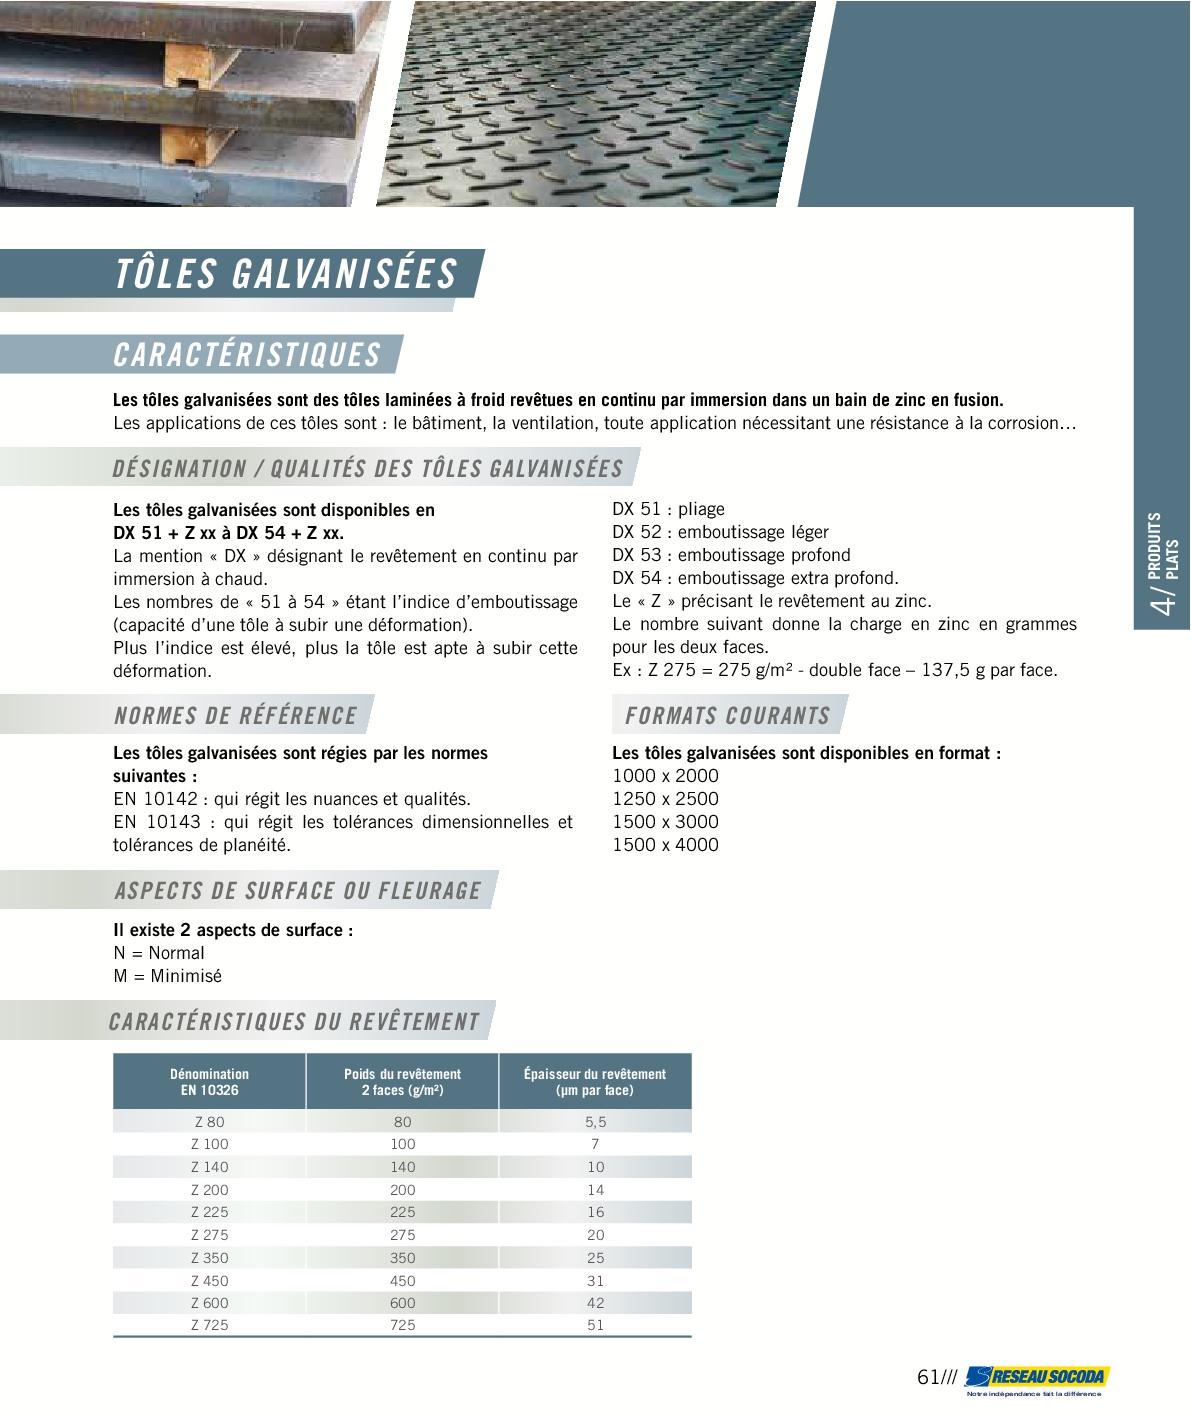 catalogue-061